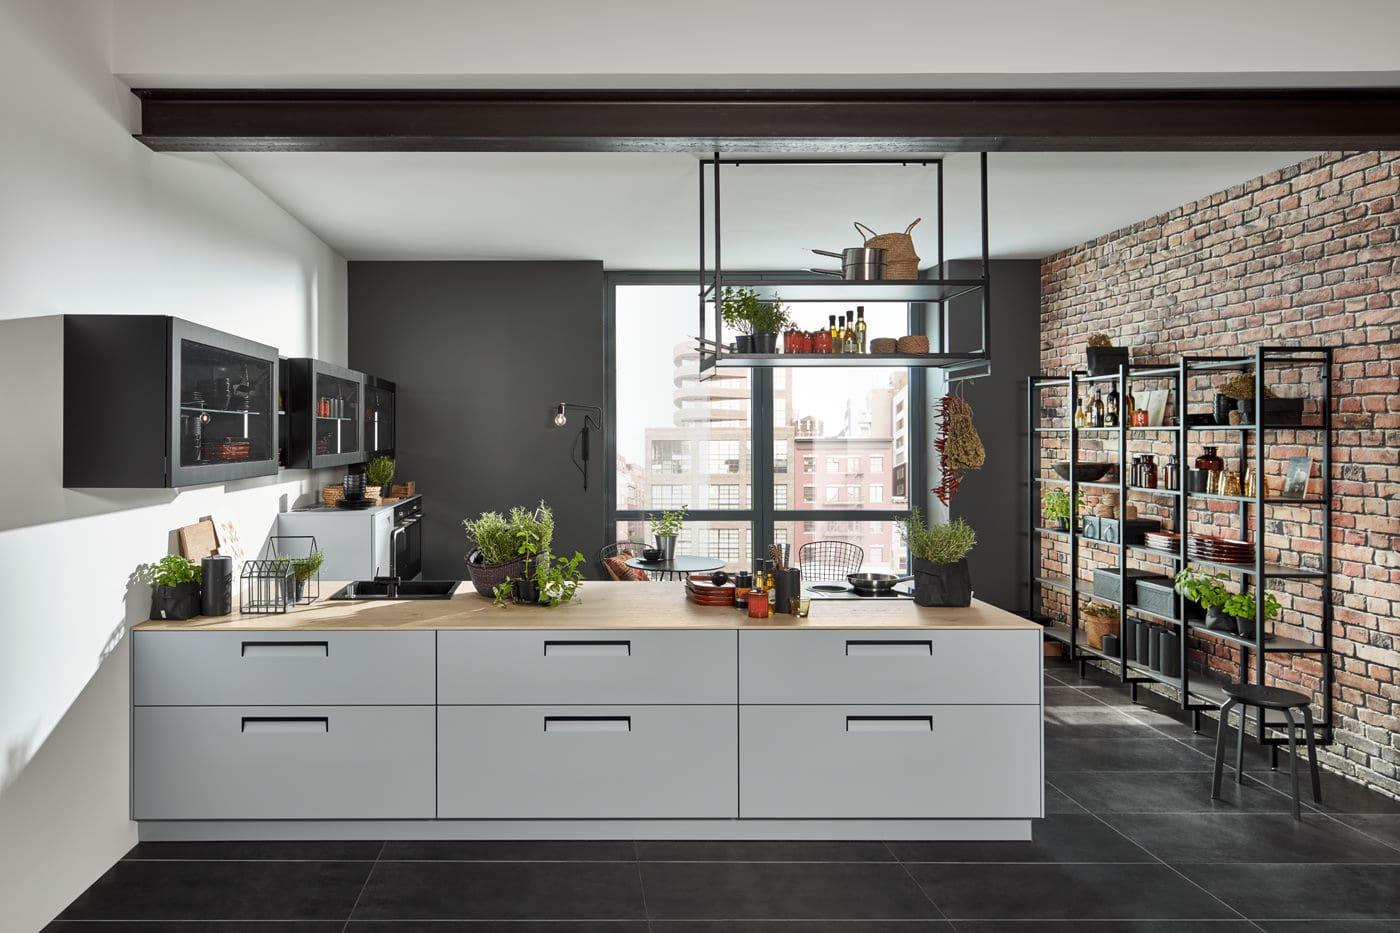 Moderne keuken met een loft-gevoel